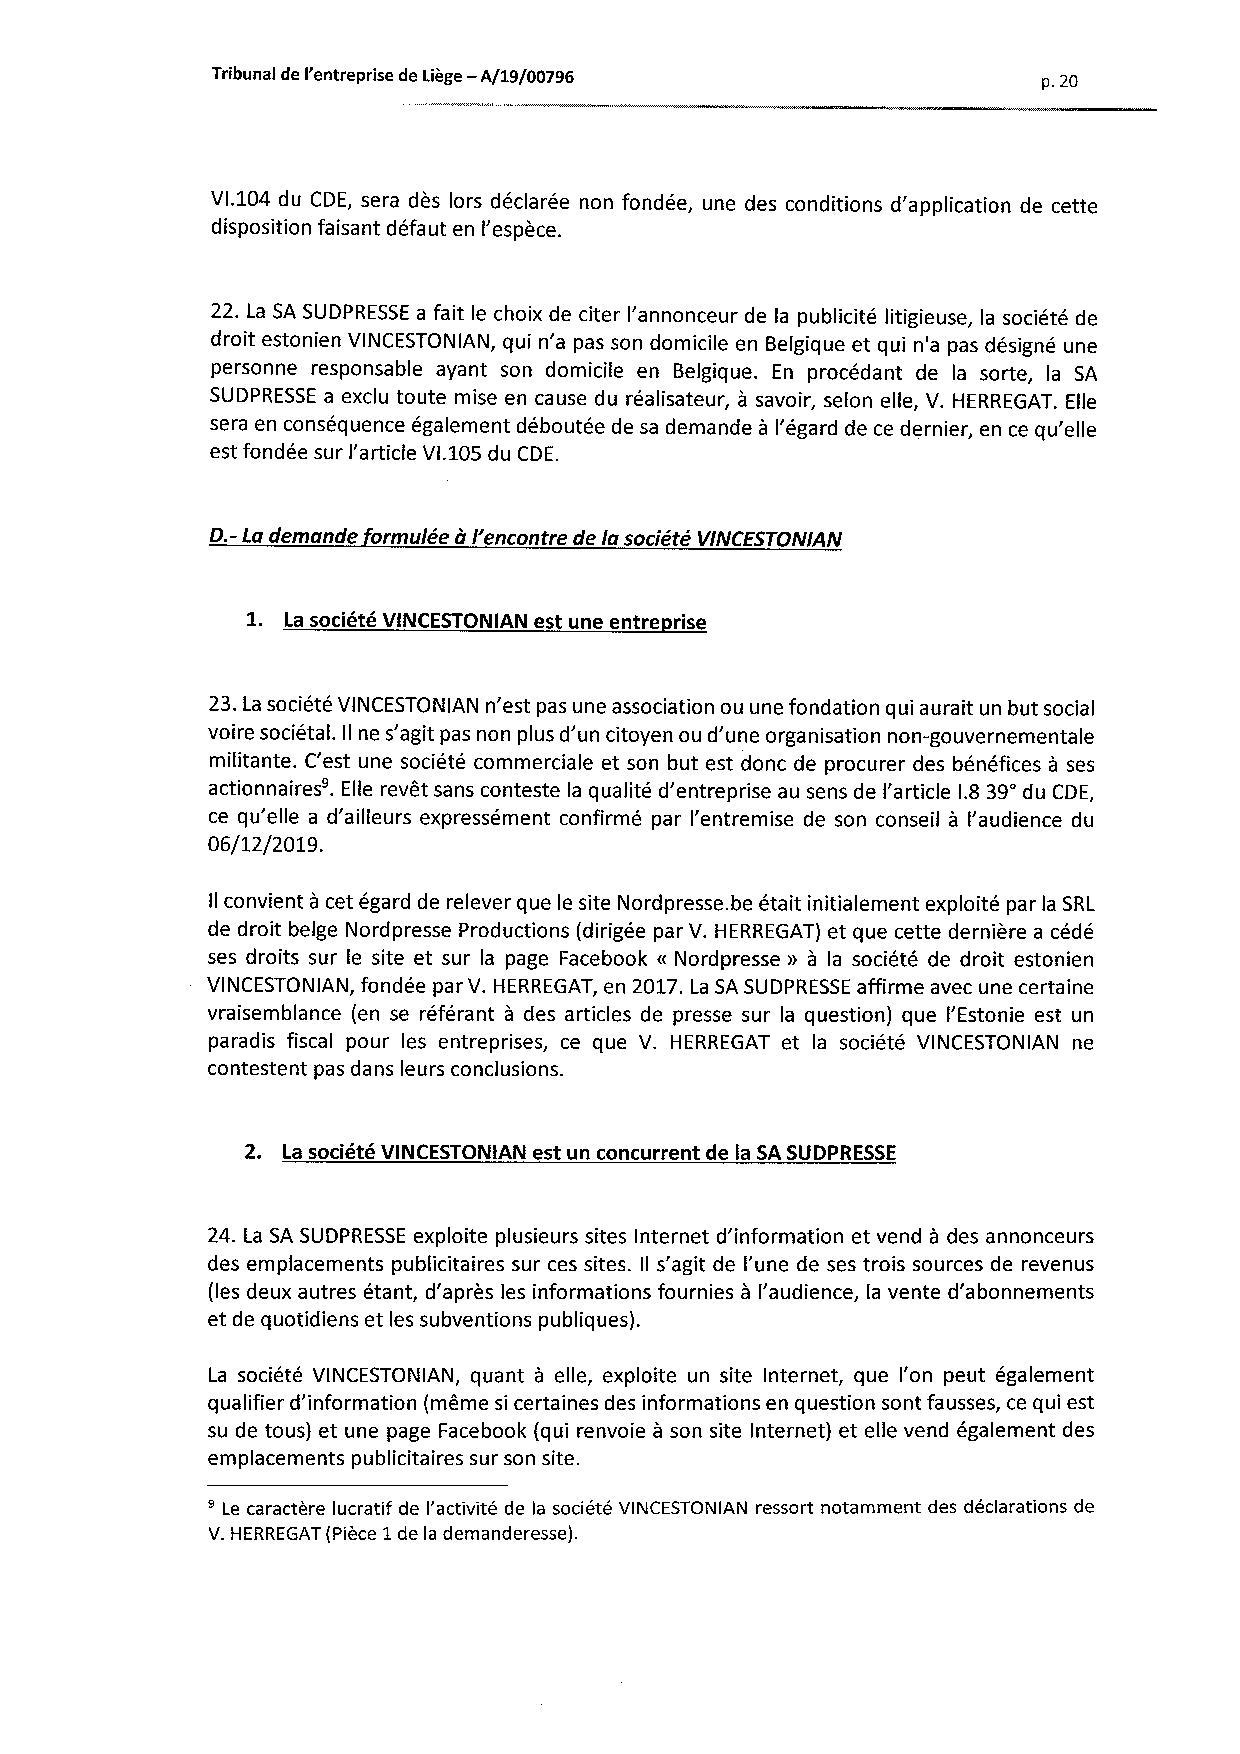 2020 01 10 SUD PRESSE c HERREGAT V et VINCESTONIAN SDE PLC (A-19-00796) aud 6-12-2019-page-020